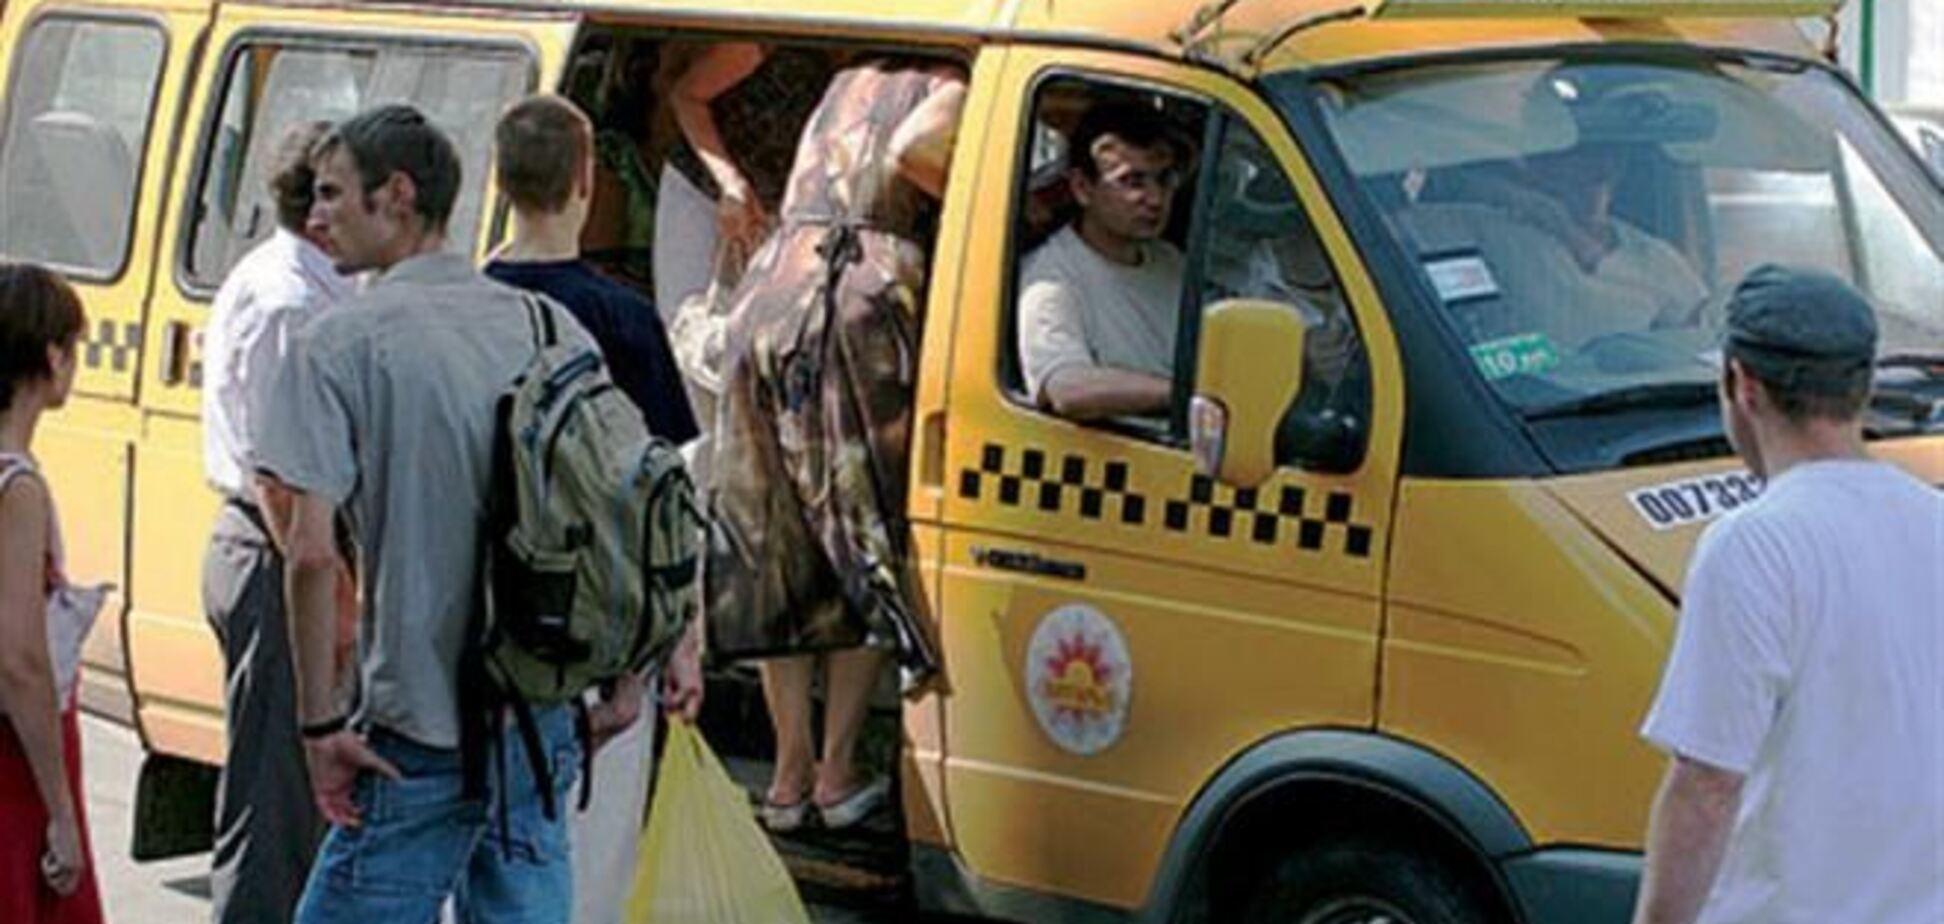 Пассажир выпал из маршрутки во Львове и получил тяжелые травмы